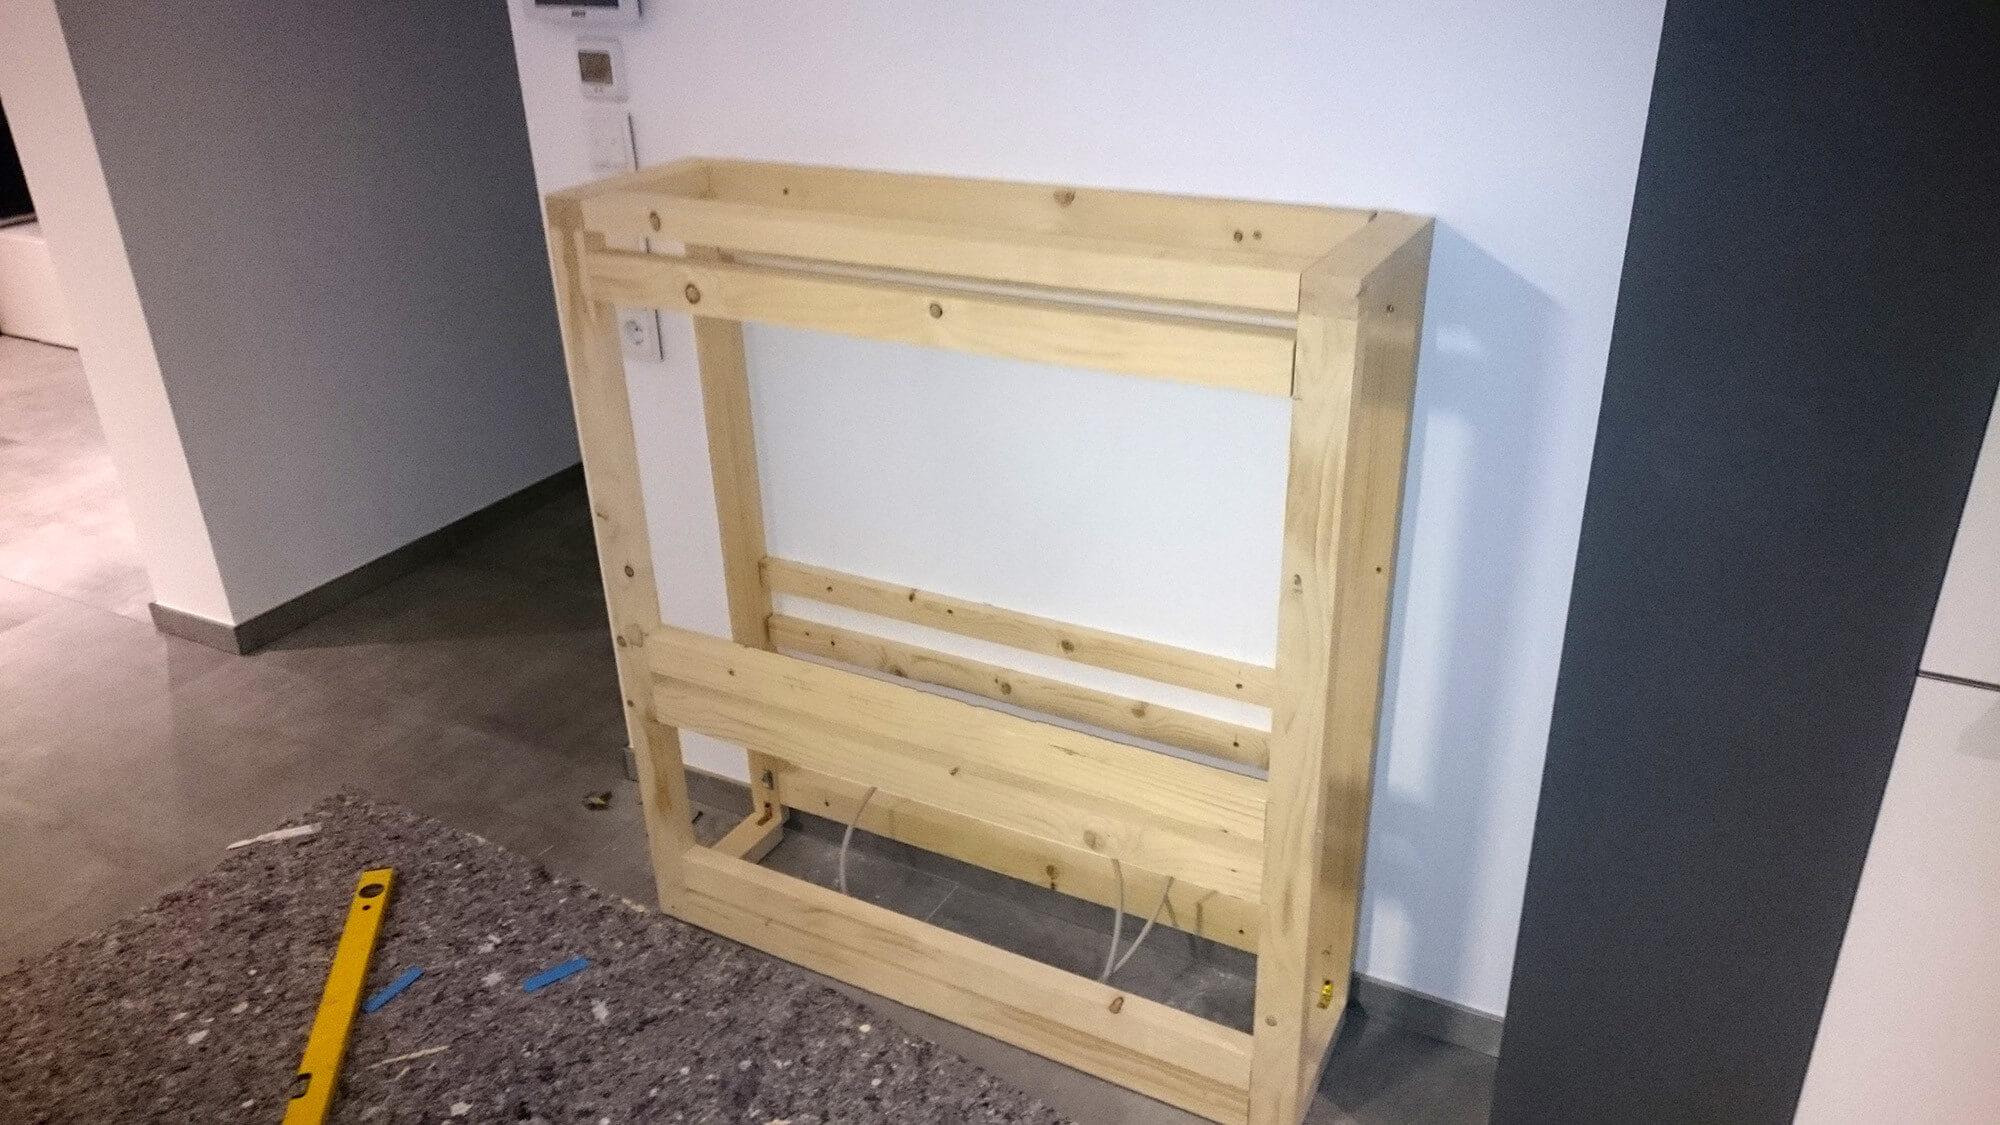 elektrokamin selber bauen wasserdampf feuer effekt aus einem elektrokamineinsatz. Black Bedroom Furniture Sets. Home Design Ideas